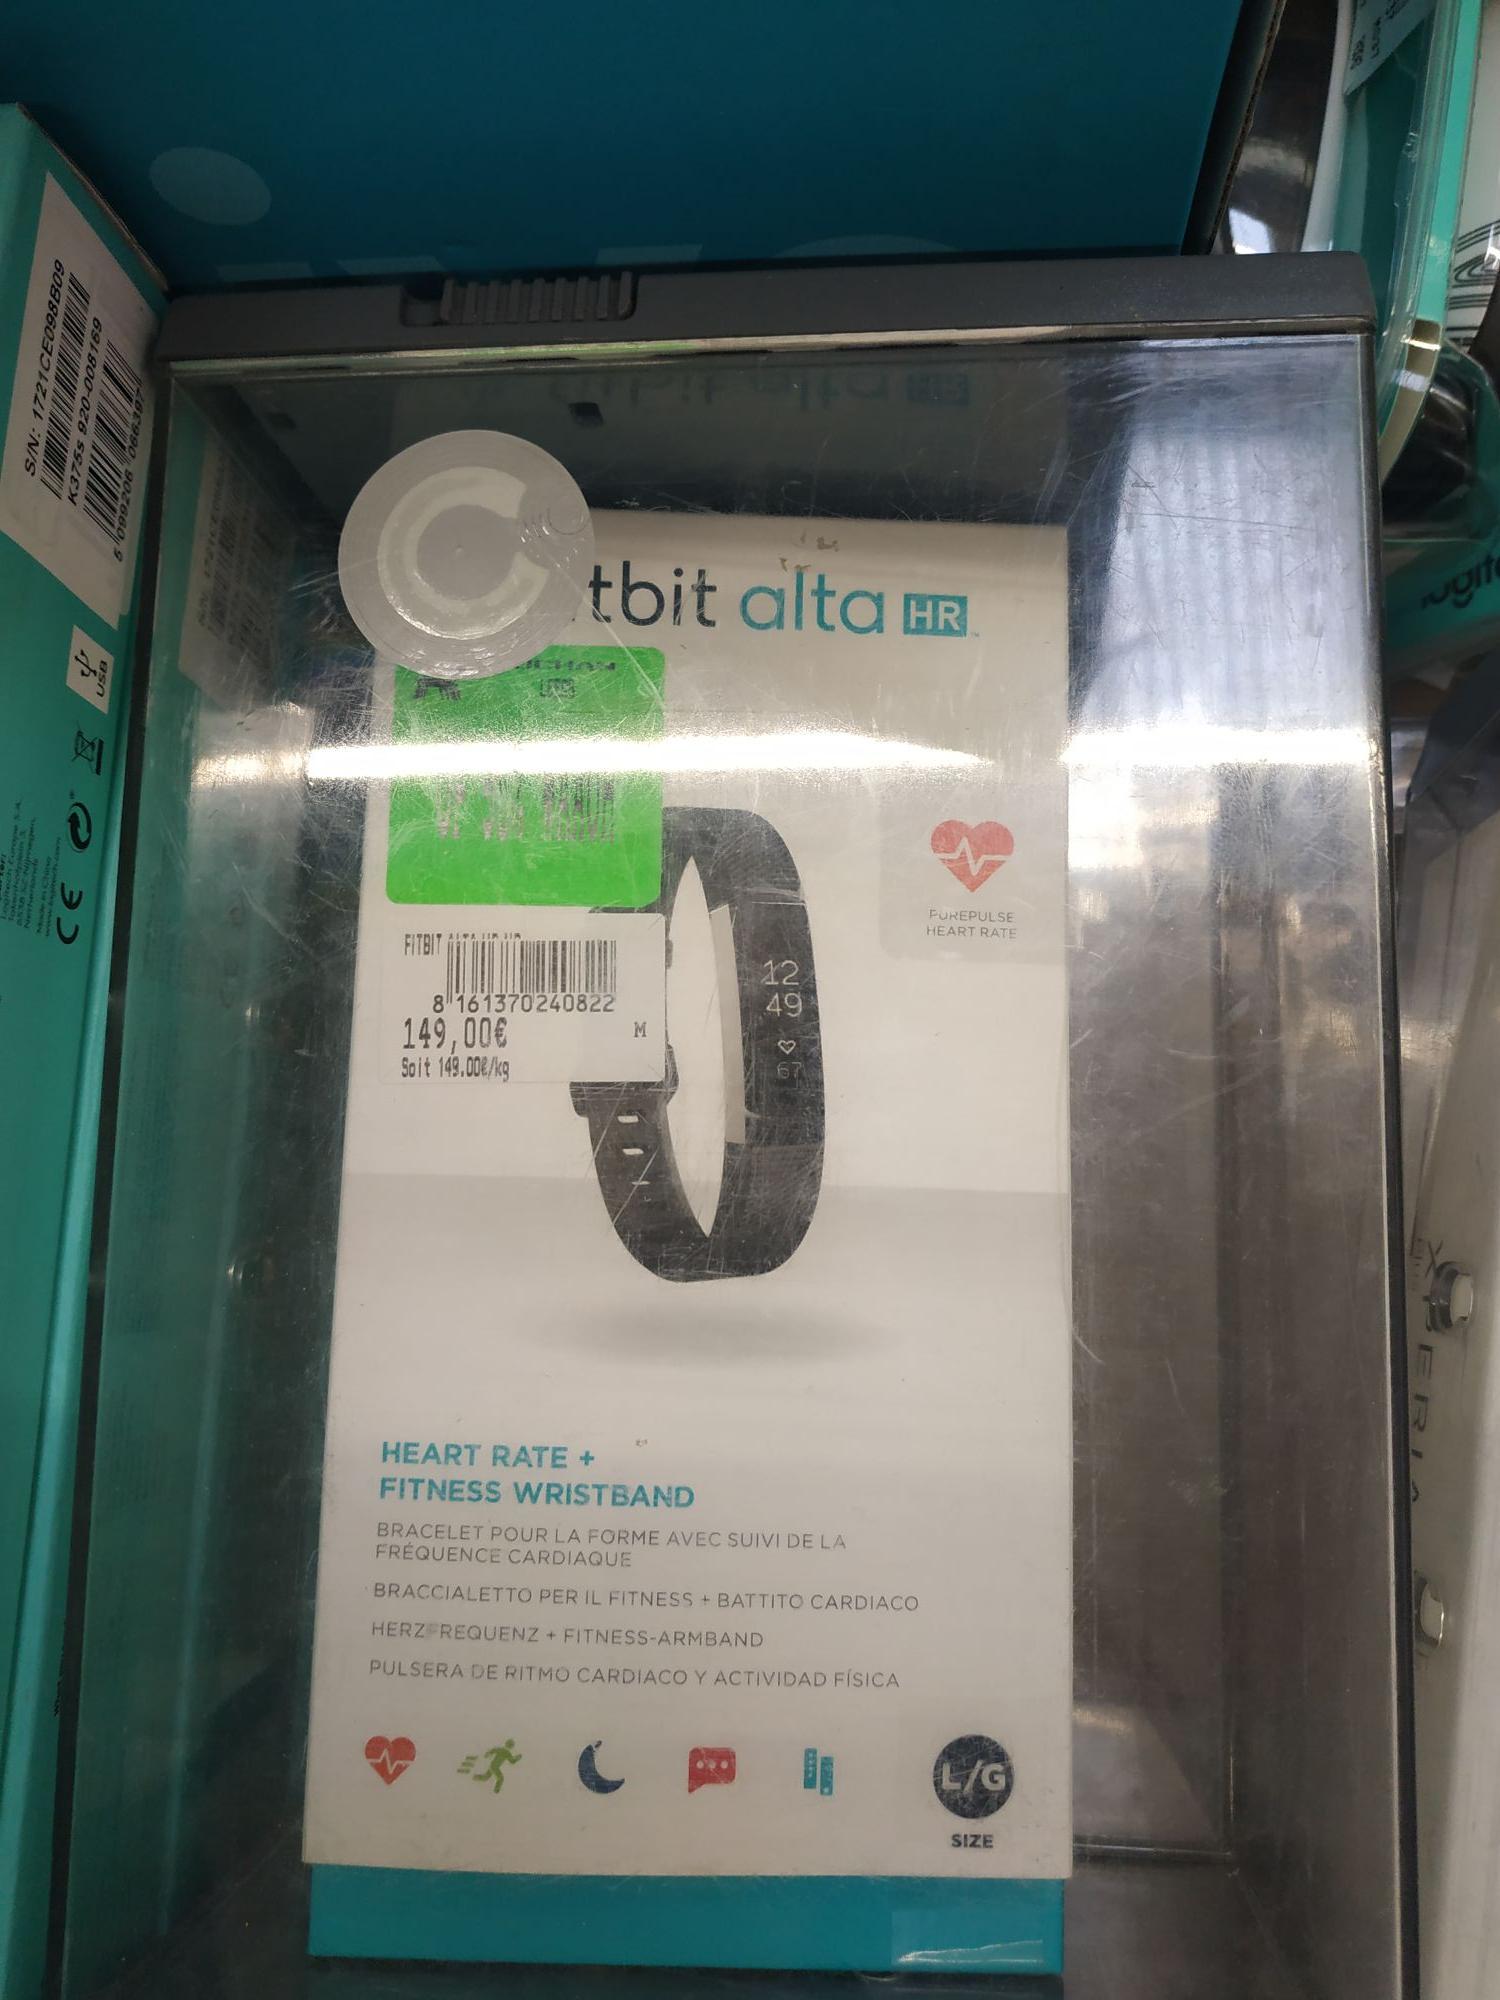 Bracelet connecté Fitbit Atla HR (via 74.95€ sur la carte fidélité) - Leers (59)